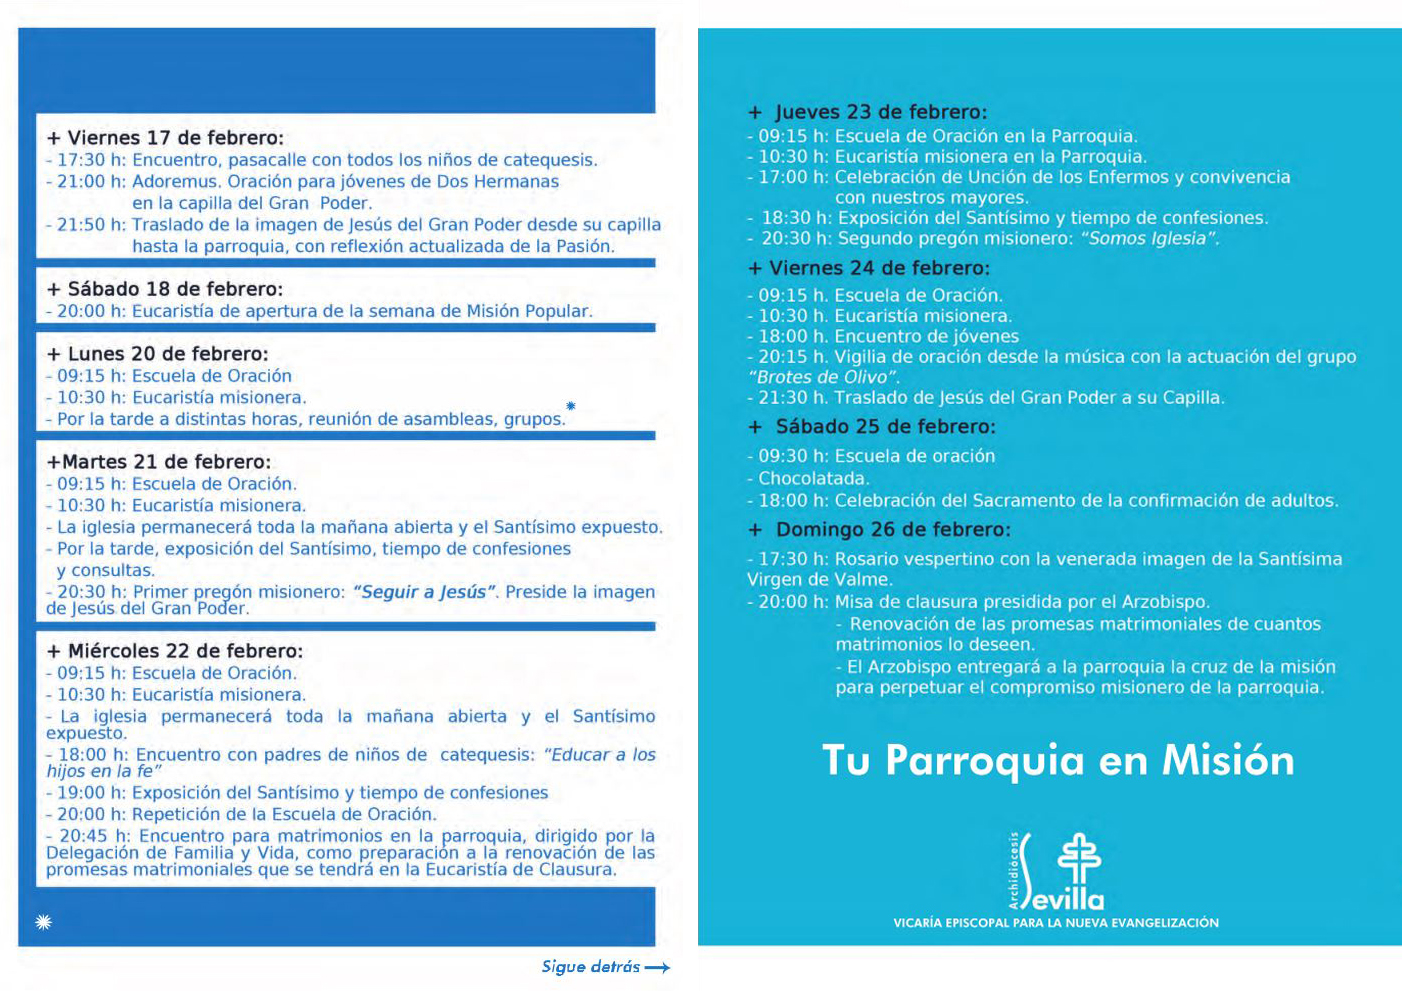 PROGRAMA DE ACTOS DE LA SEMANA DE LA MISIÓN POPULAR DE NUESTRA PARROQUIA